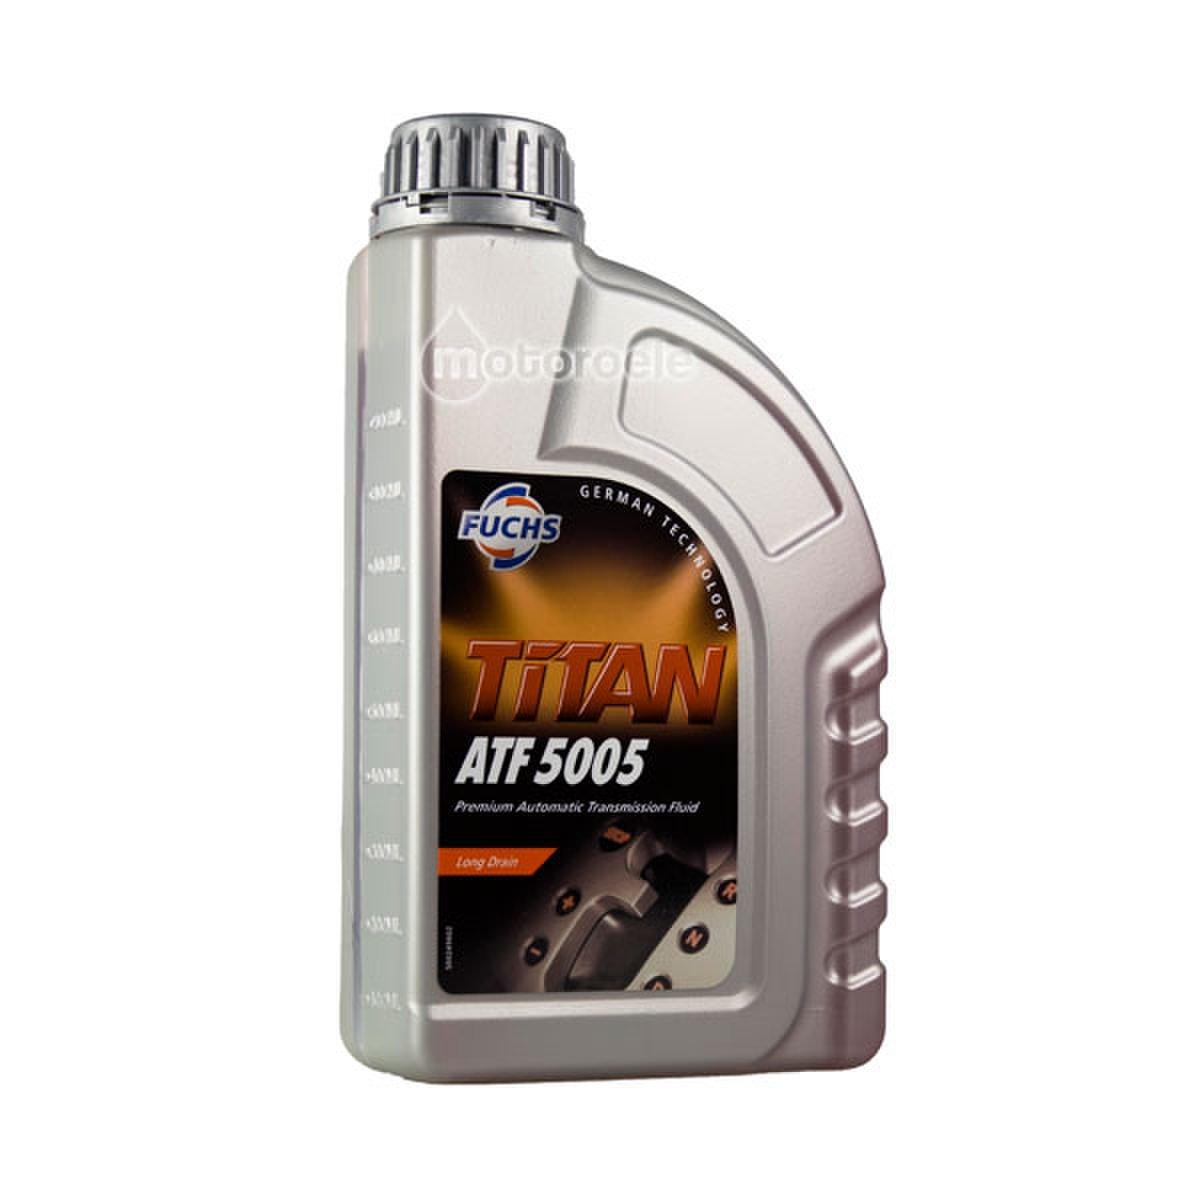 FUCHS Getriebeö l Automatikgetriebeö l TITAN ATF 5005 MB 236.6 1L 1 Liter